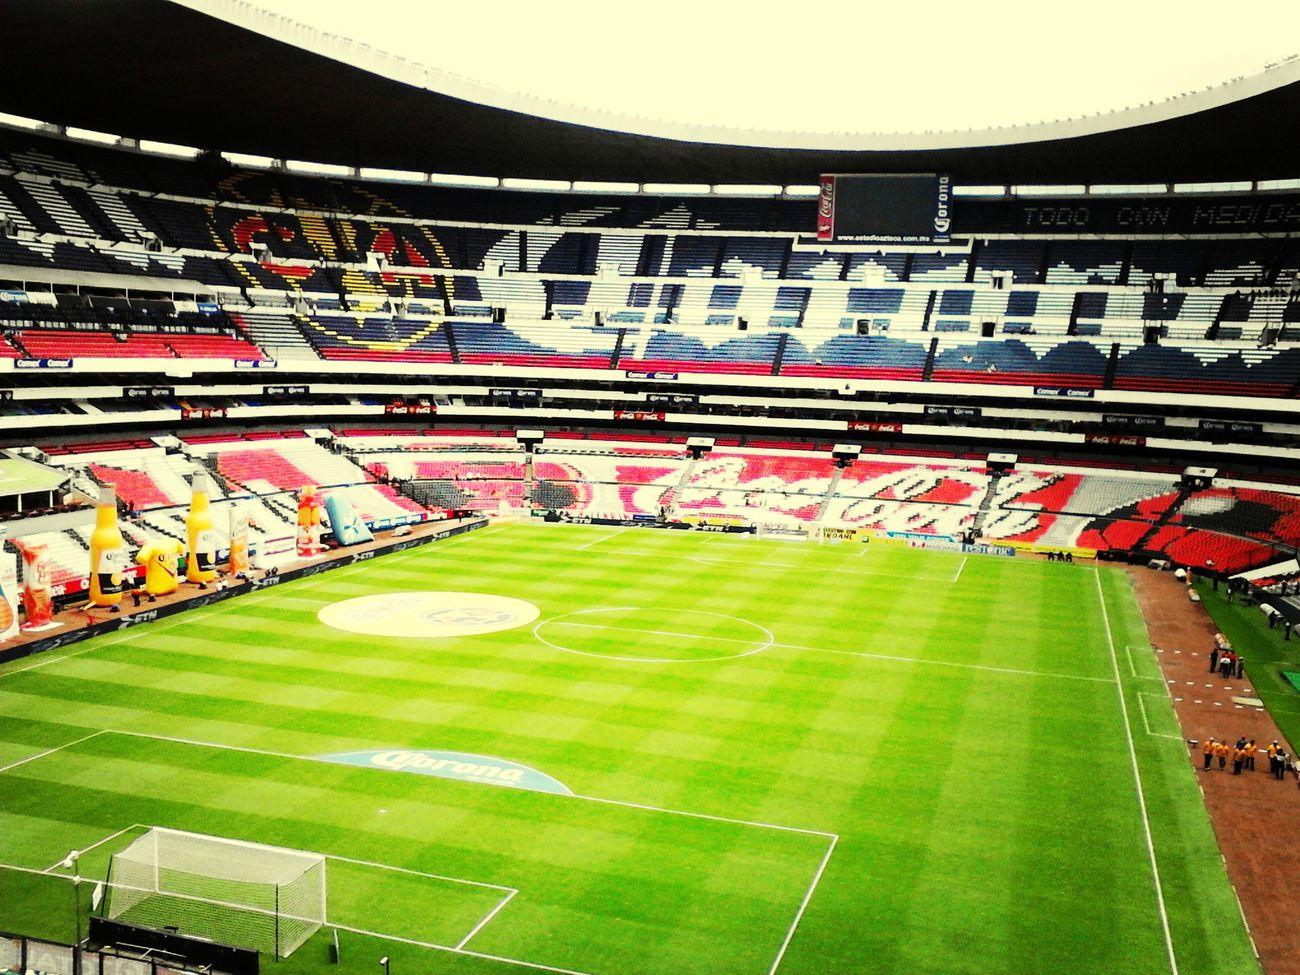 Llegando a apoyar al América. Estadioazteca